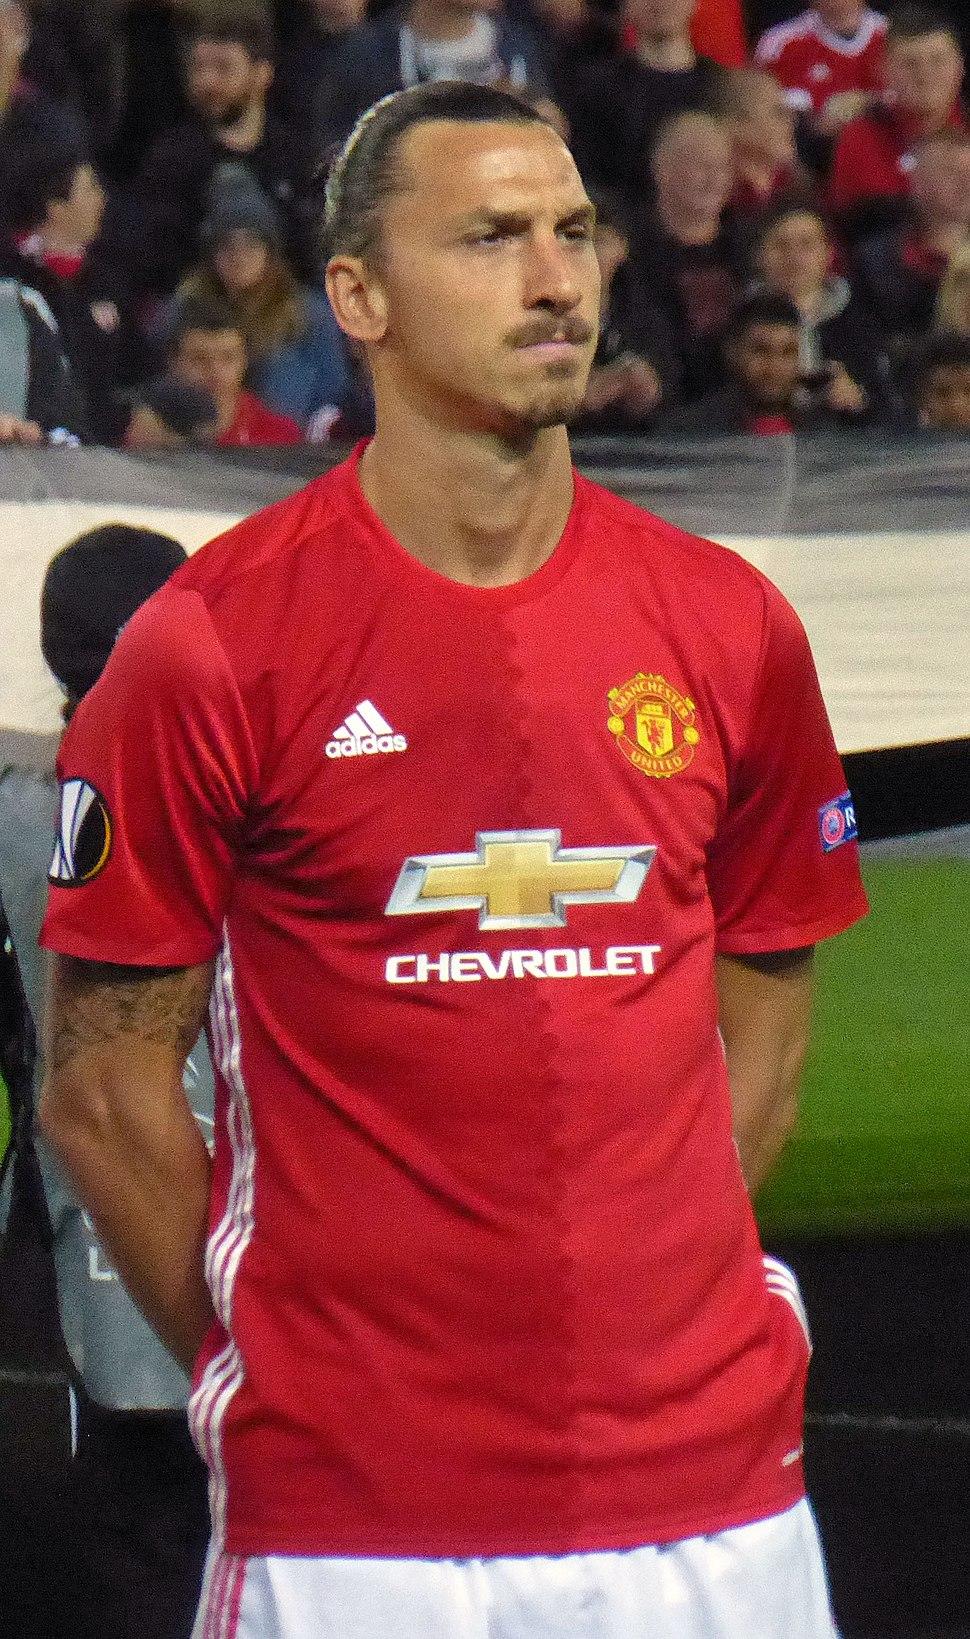 Manchester United v Zorya Luhansk, September 2016 (08) - Zlatan Ibrahimović (edited)